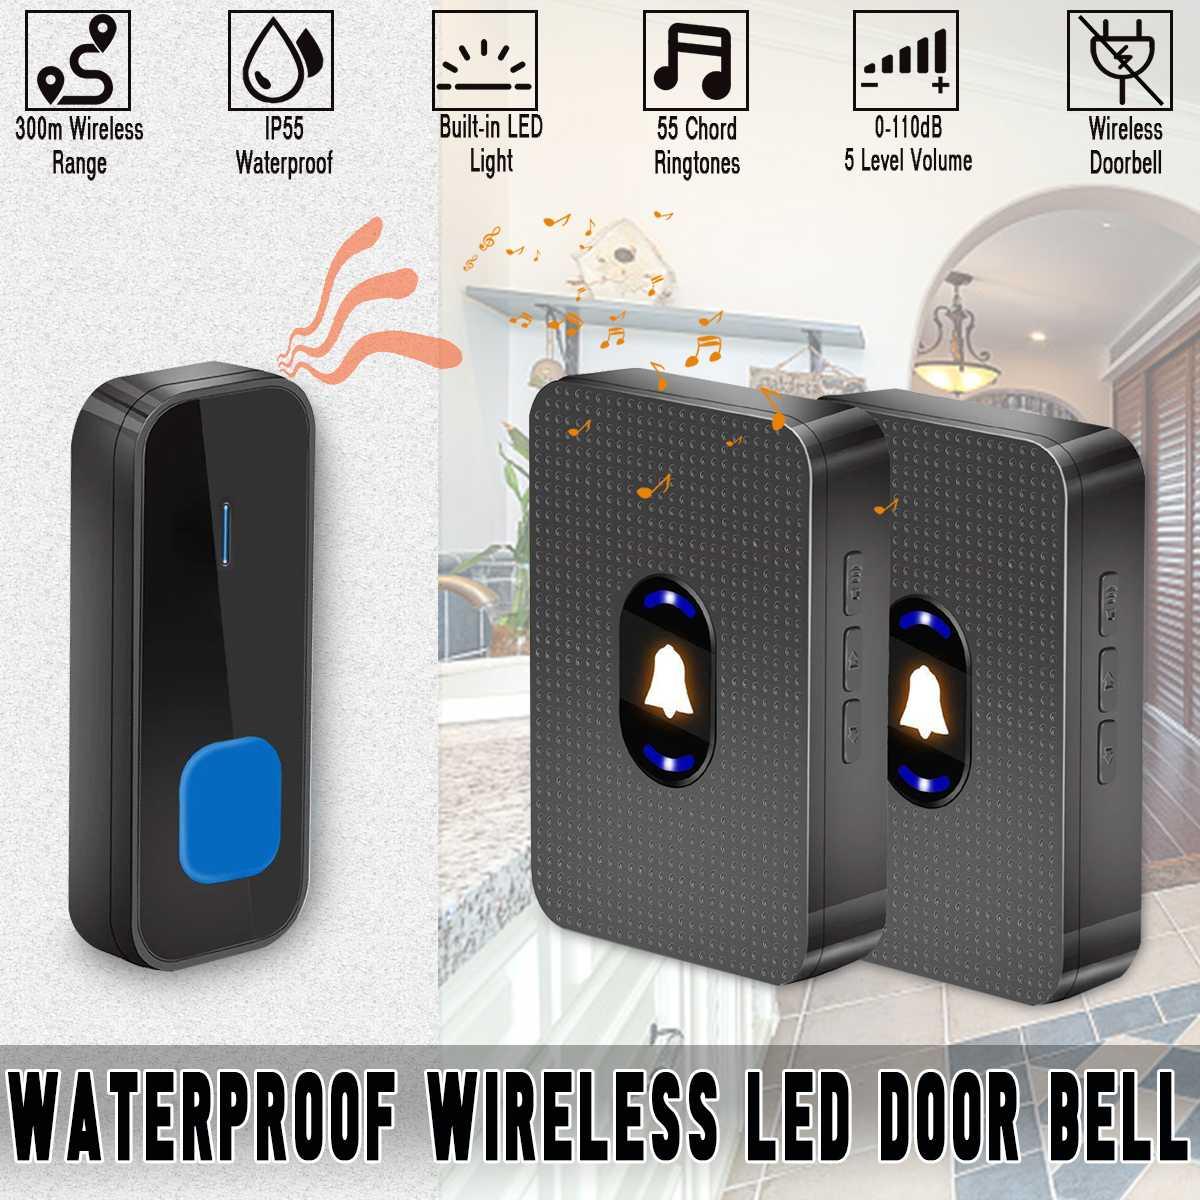 LED sans fil IP55 étanche porte cloche sans fil 1000ft/300 M gamme 55 carillon sonnette UK/EU/US Plug 110-260 V pour Villas hôtels